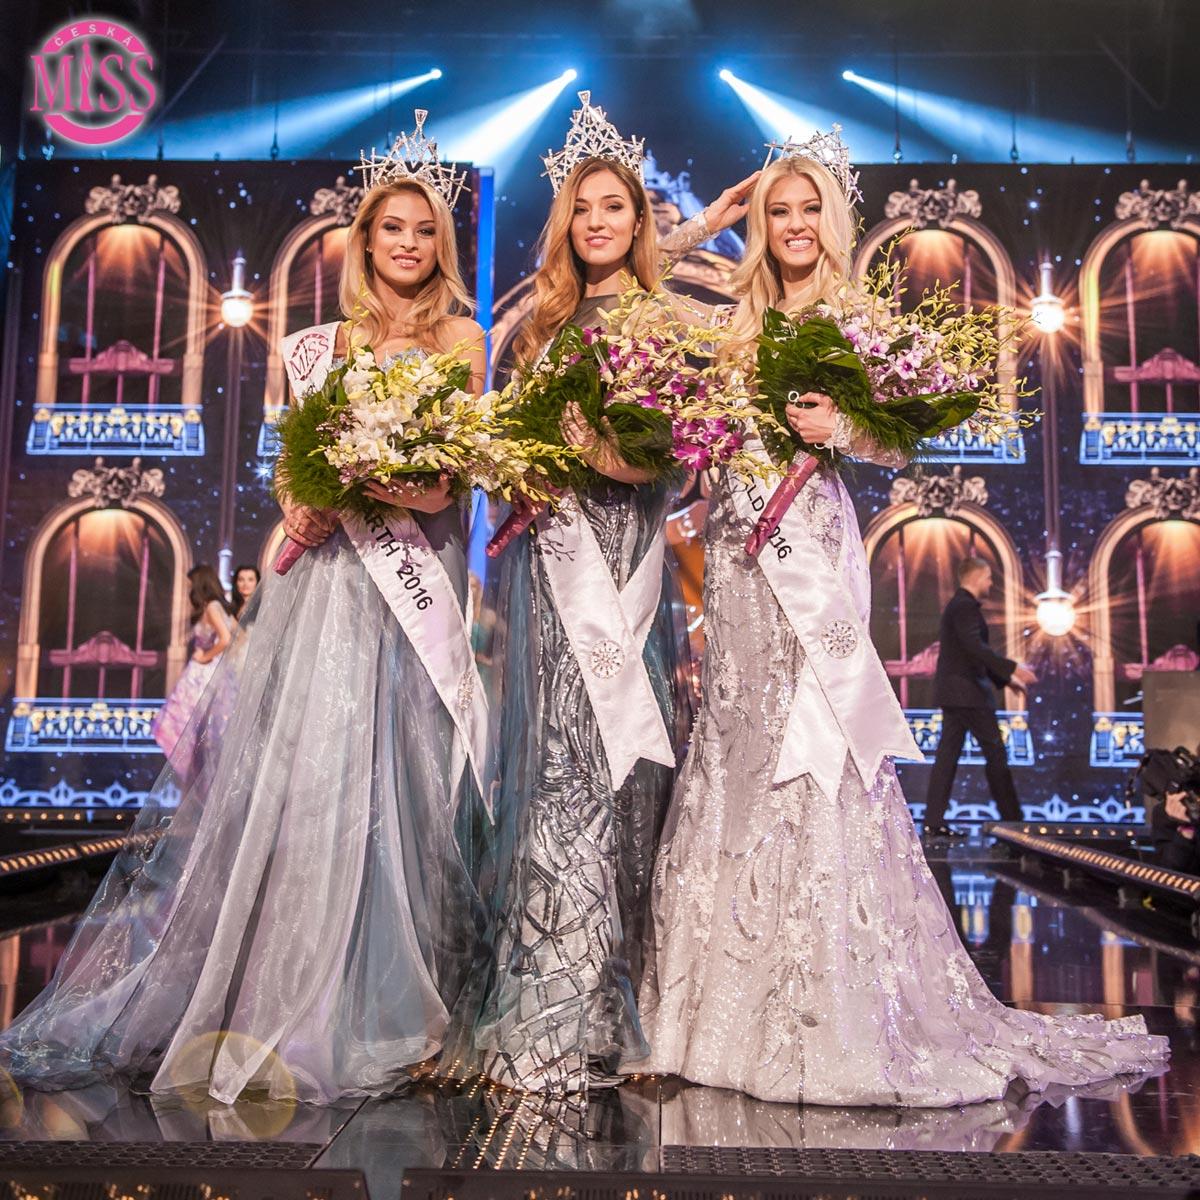 Známe výsledky letošní Miss. Česká Miss 2016 je Andrea Bezděková, finalistka s číslem 4. Českou Miss World 2016 je Natálie Kotková, Českou Miss Earth je Kristína Kubíčková.